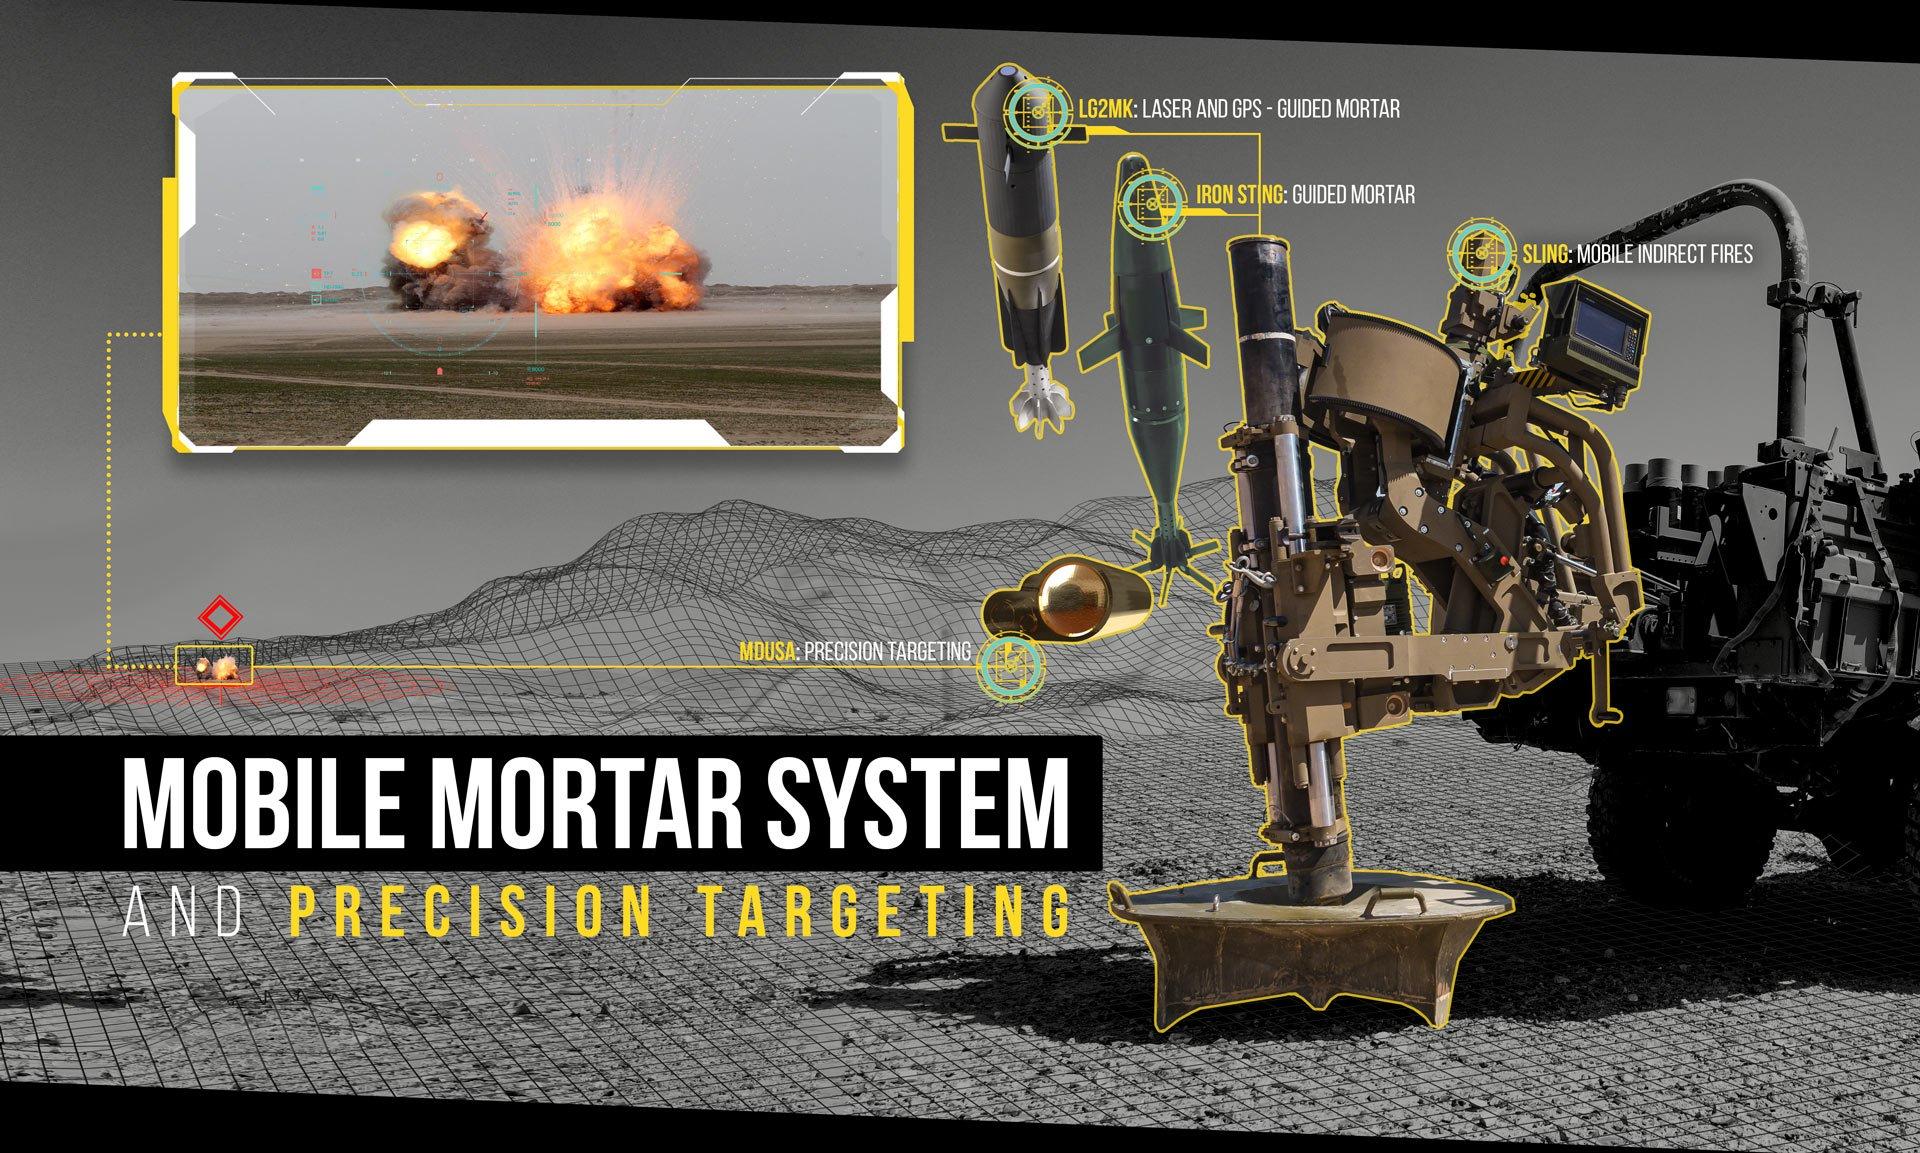 Sling_Mortar_System-1